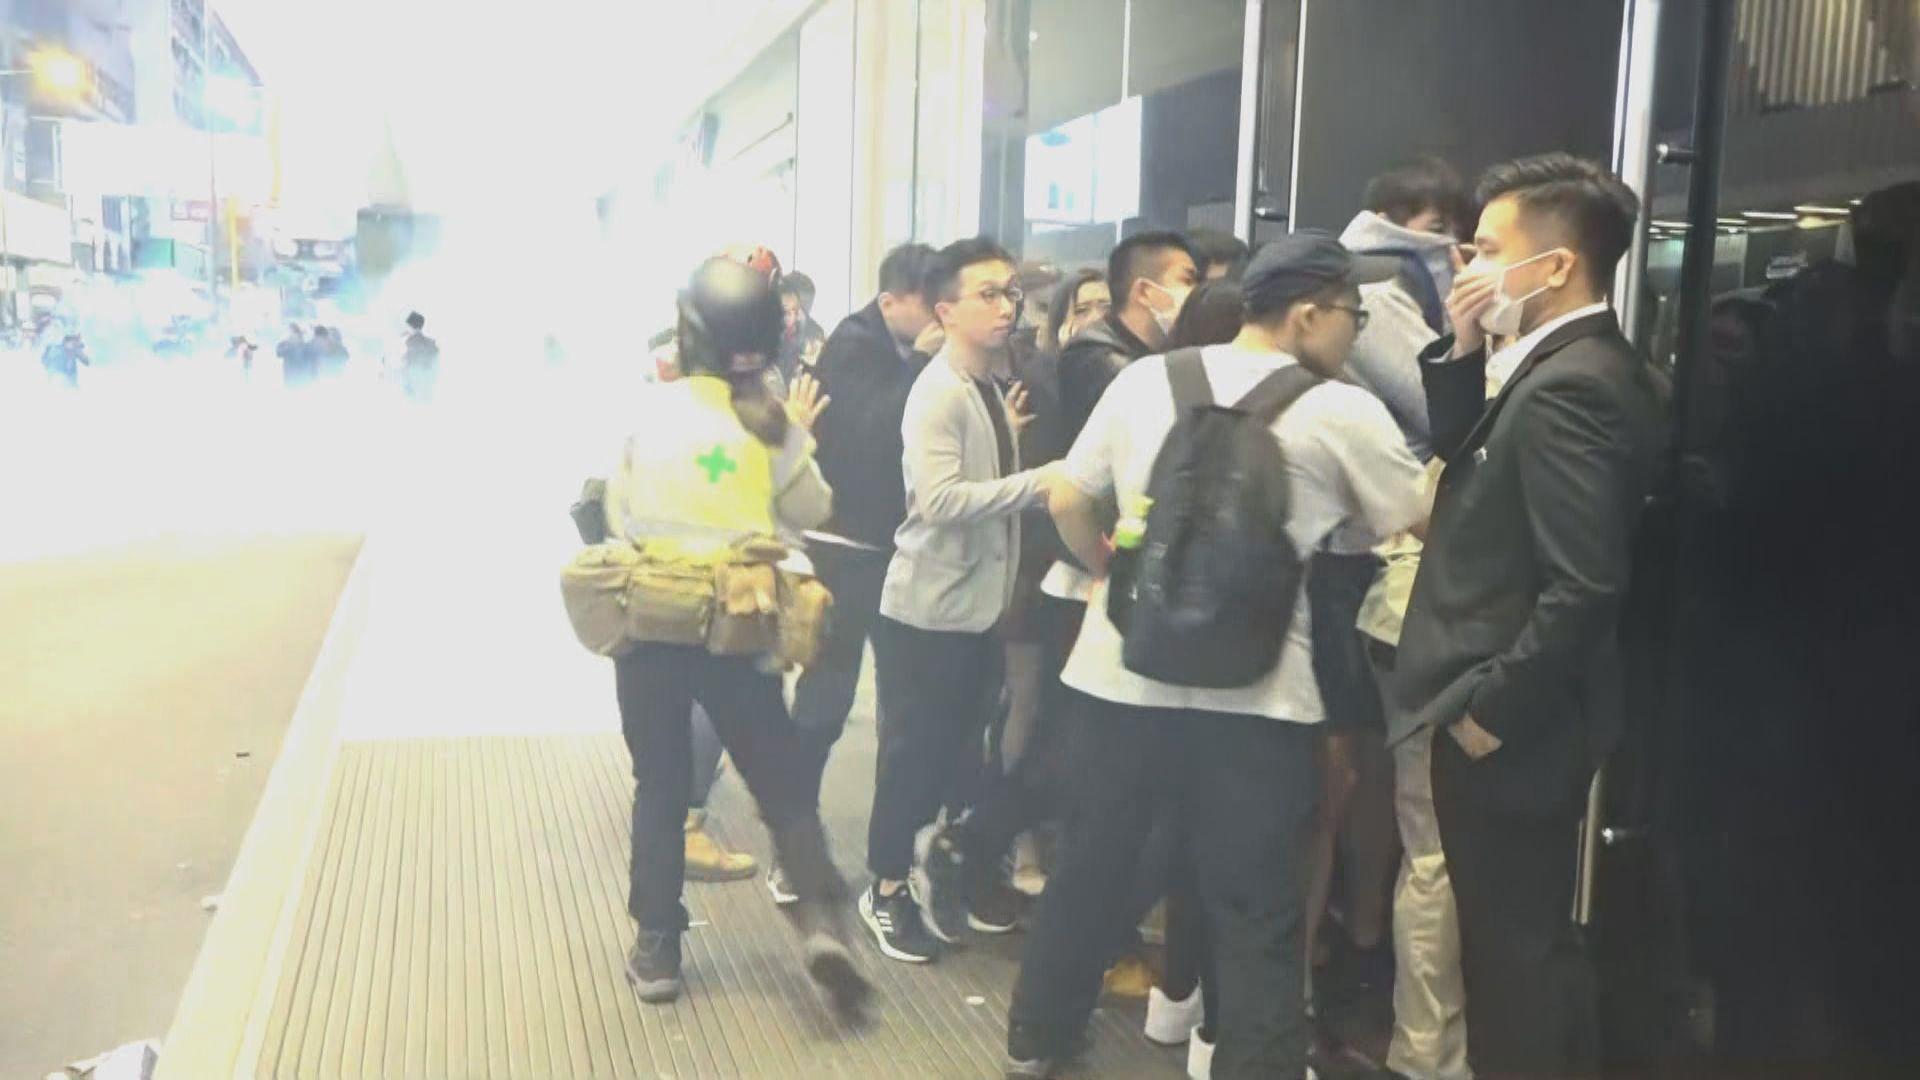 尖沙咀有人聚集 警方施放催淚彈驅散